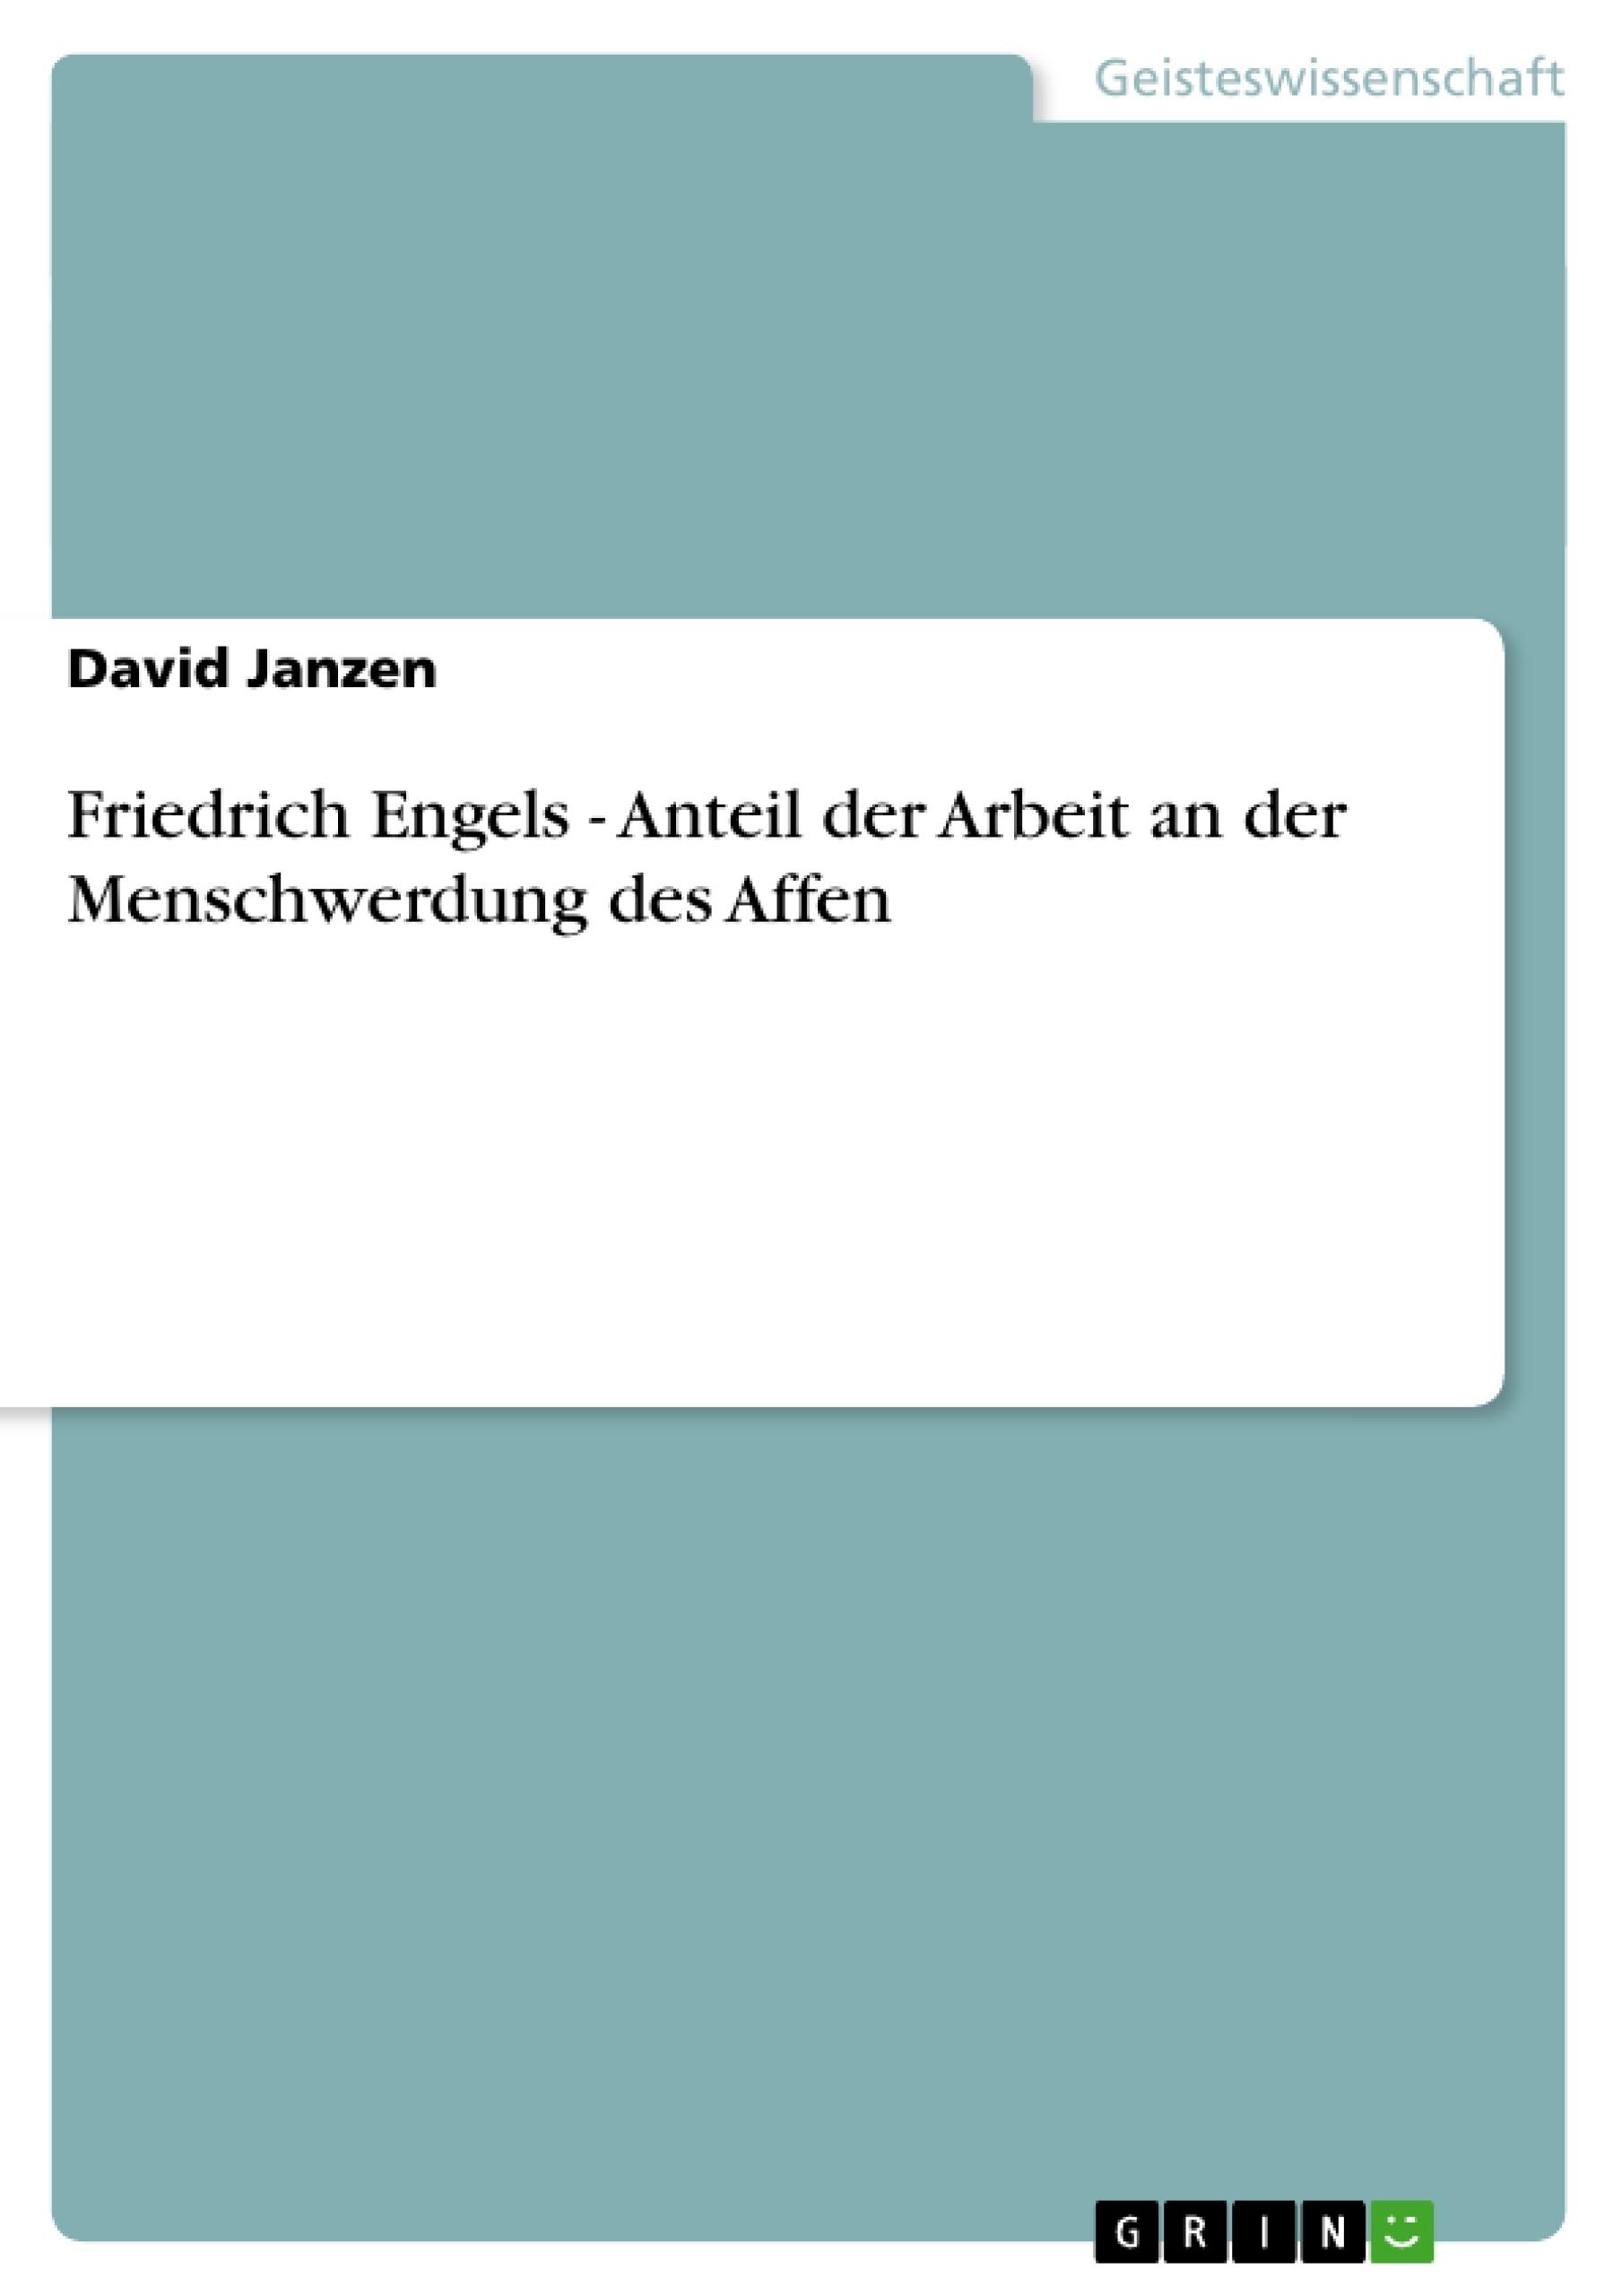 Titel: Friedrich Engels - Anteil der Arbeit an der Menschwerdung des Affen